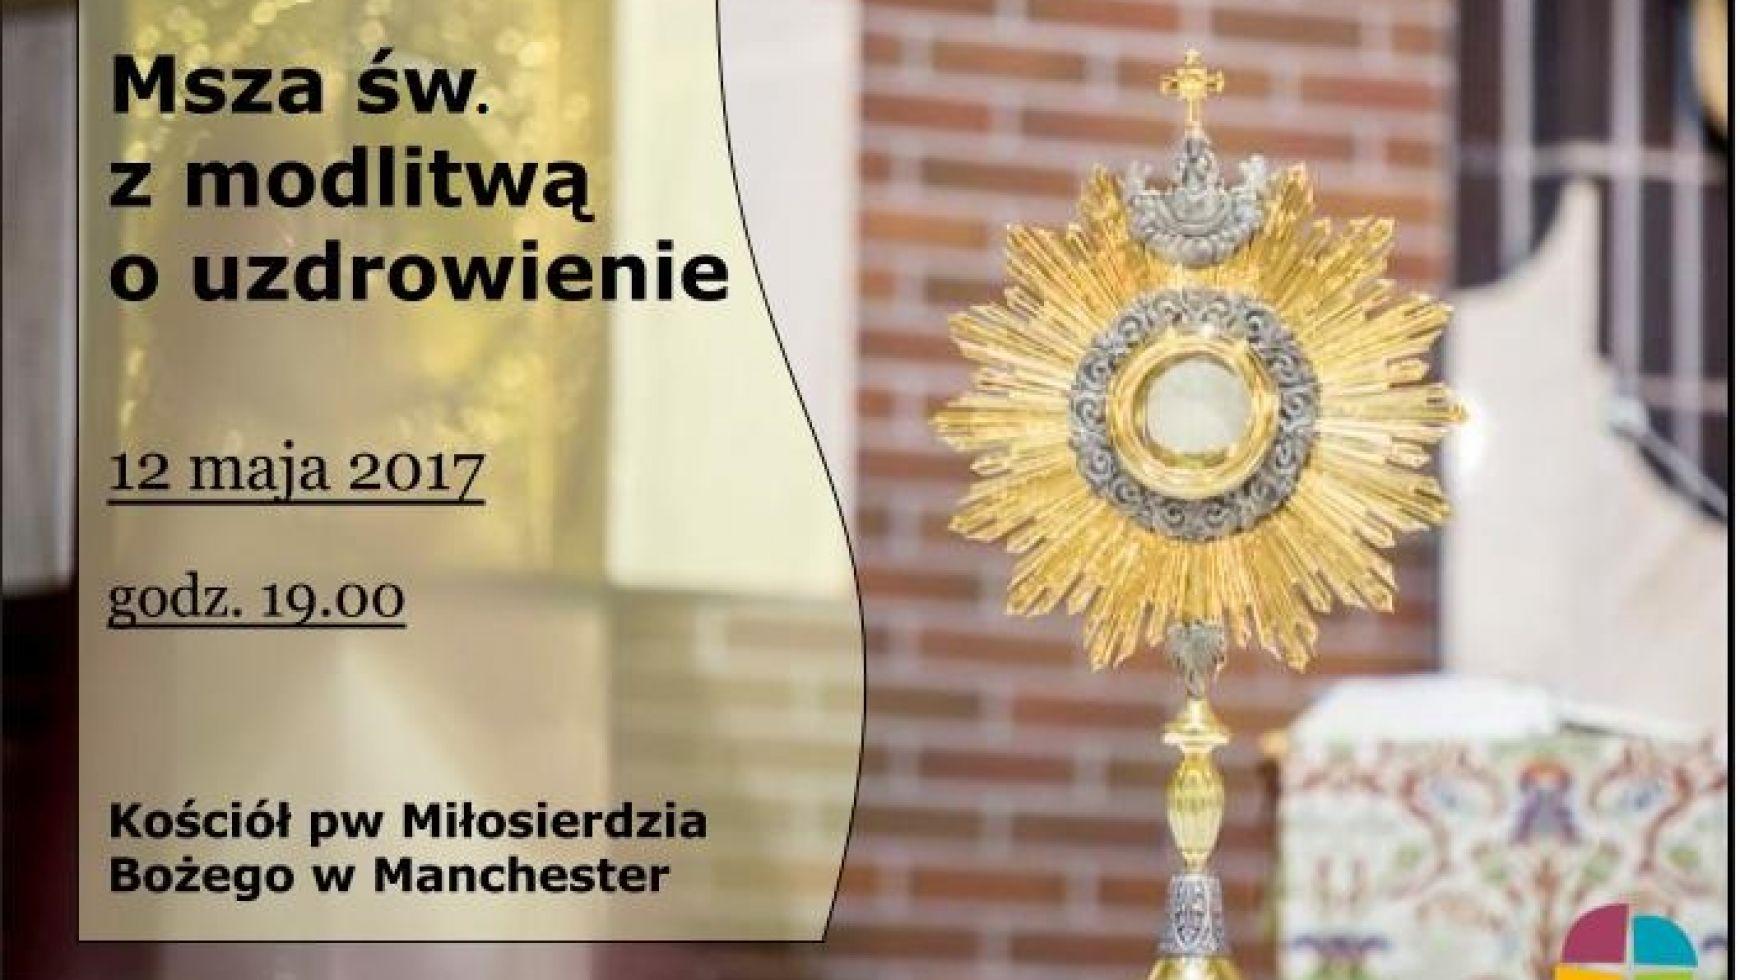 Msza z modlitwą o uzdrowienie w Manchester